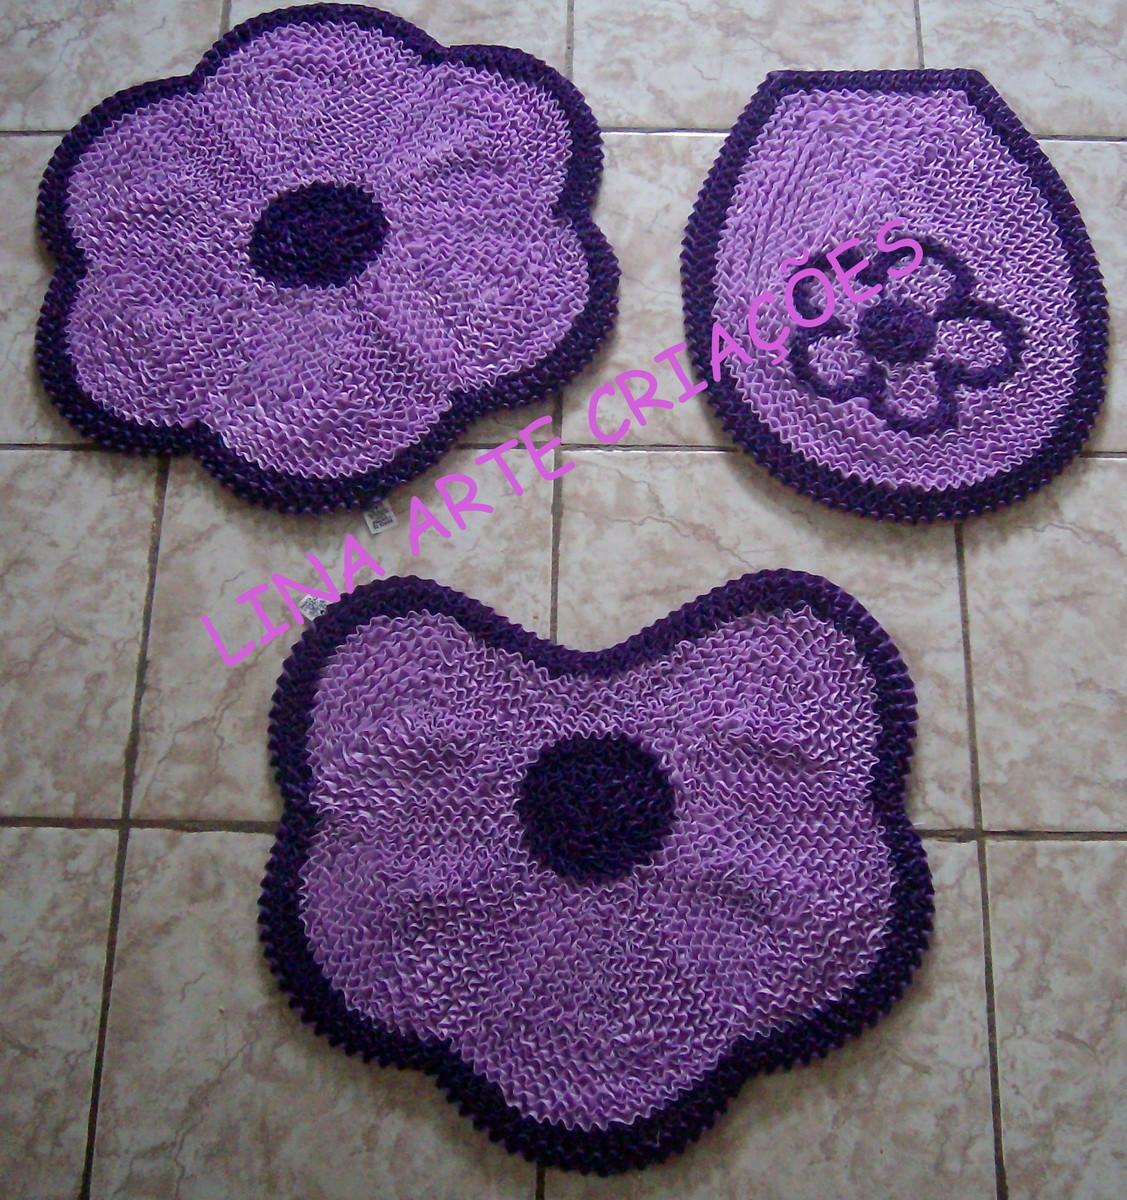 Jogo Banheiro flor lilás e roxo Lina Arte Criações Elo7 #462864 1127x1200 Banheiro Branco E Lilas